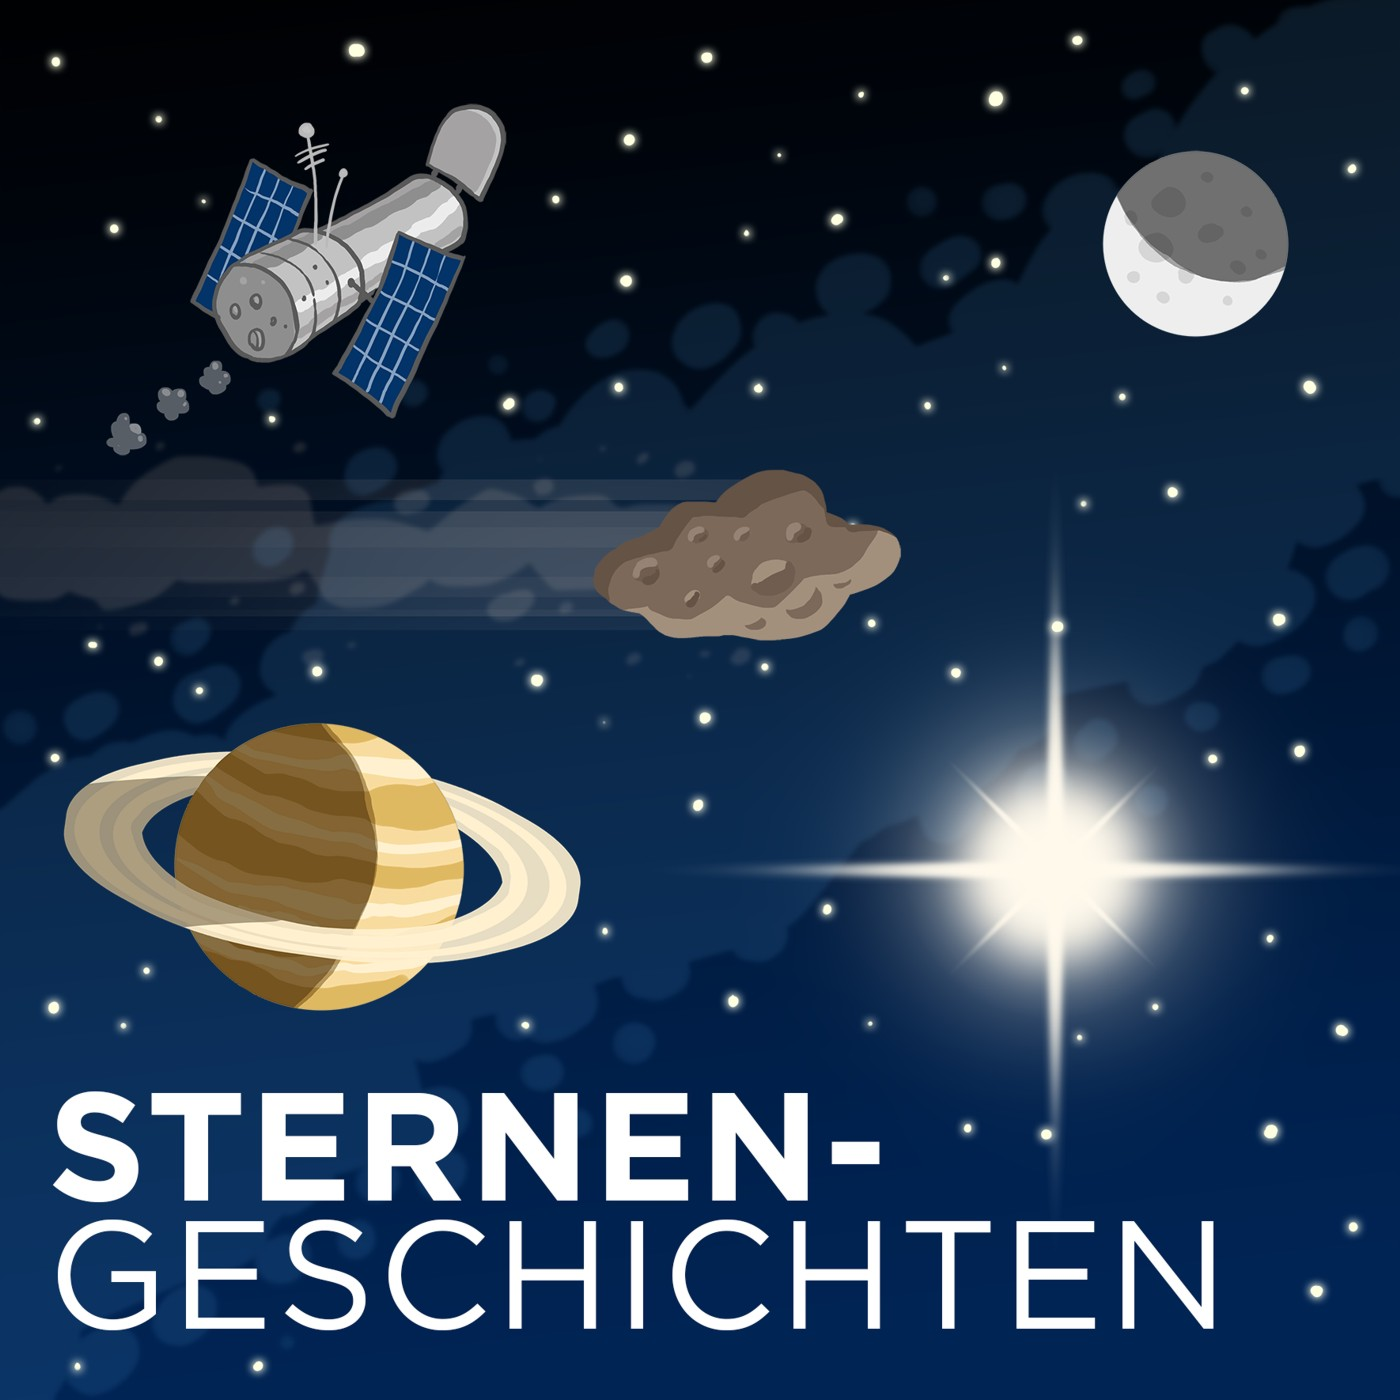 Sternengeschichten Folge 397: Tiefseeastronomie